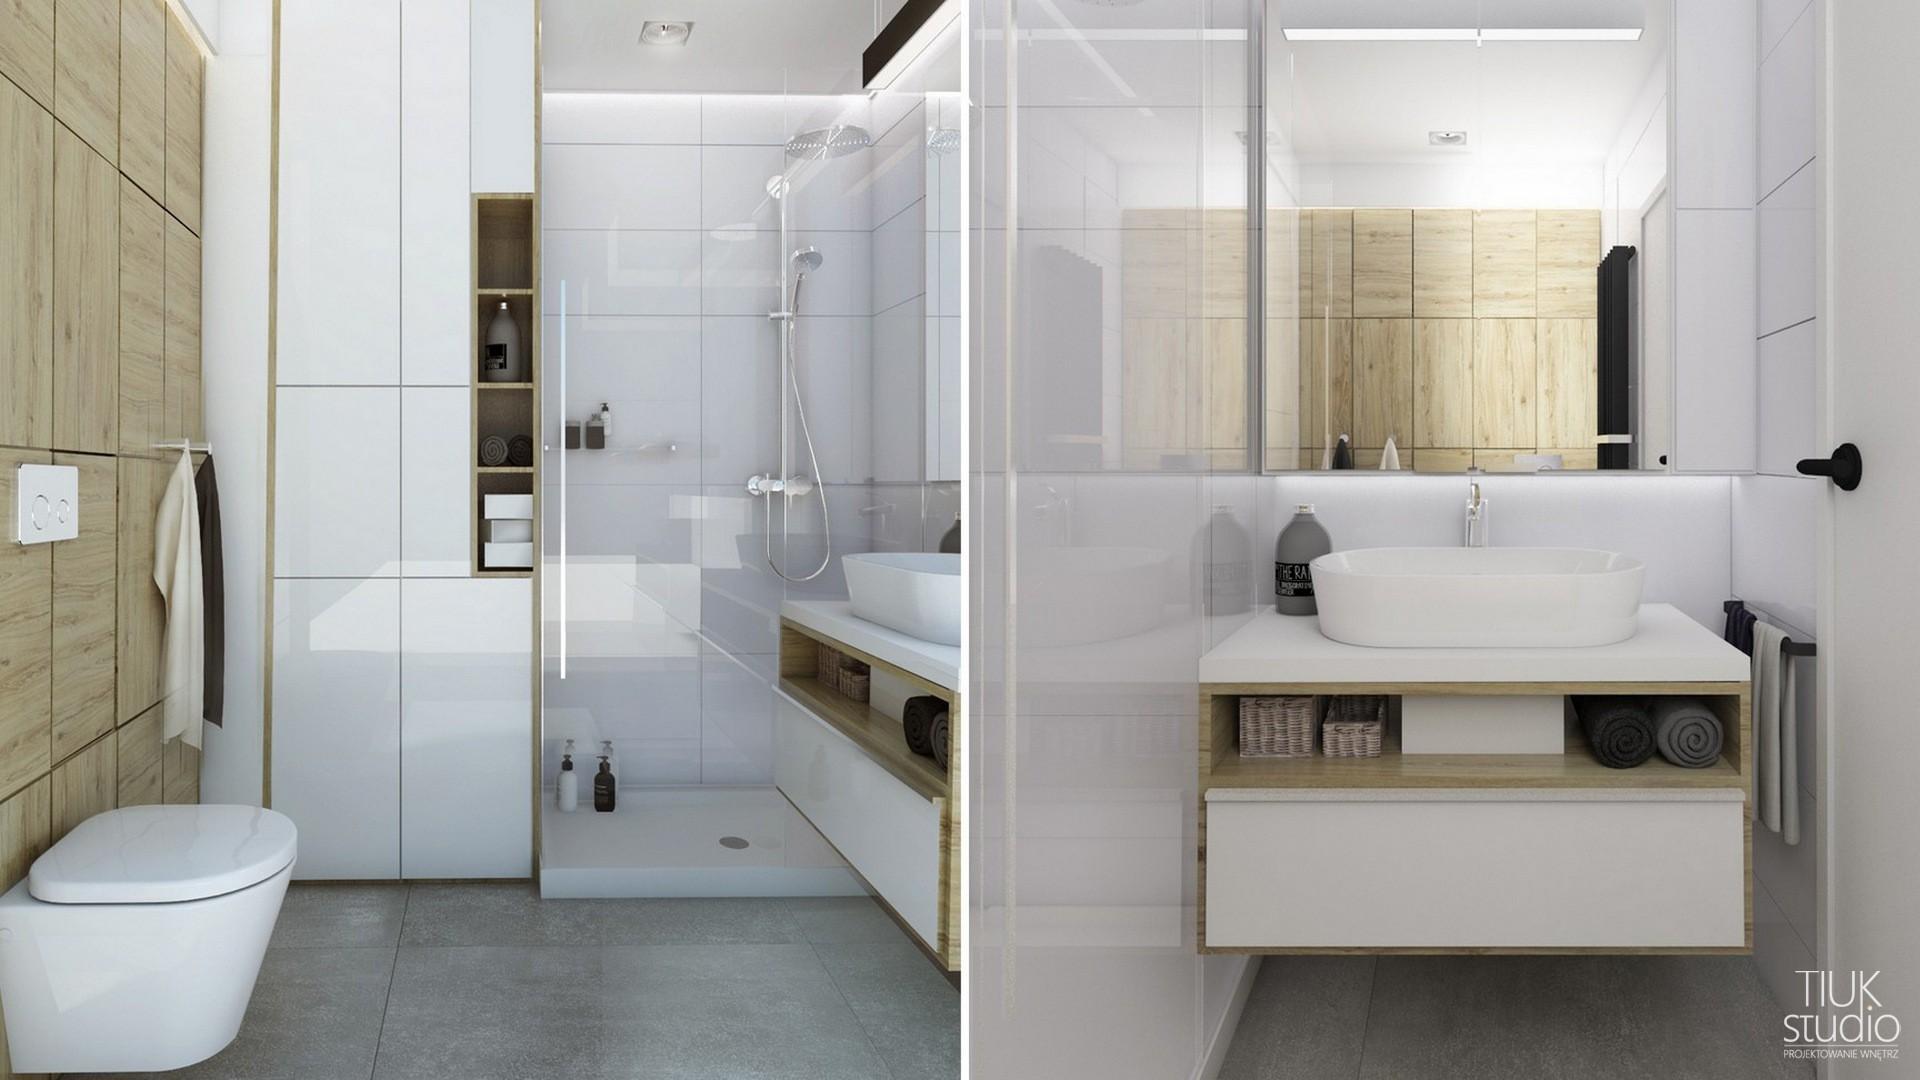 Mała łazienka W Bloku Projektowanie I Aranżacja Wnętrz śląsk